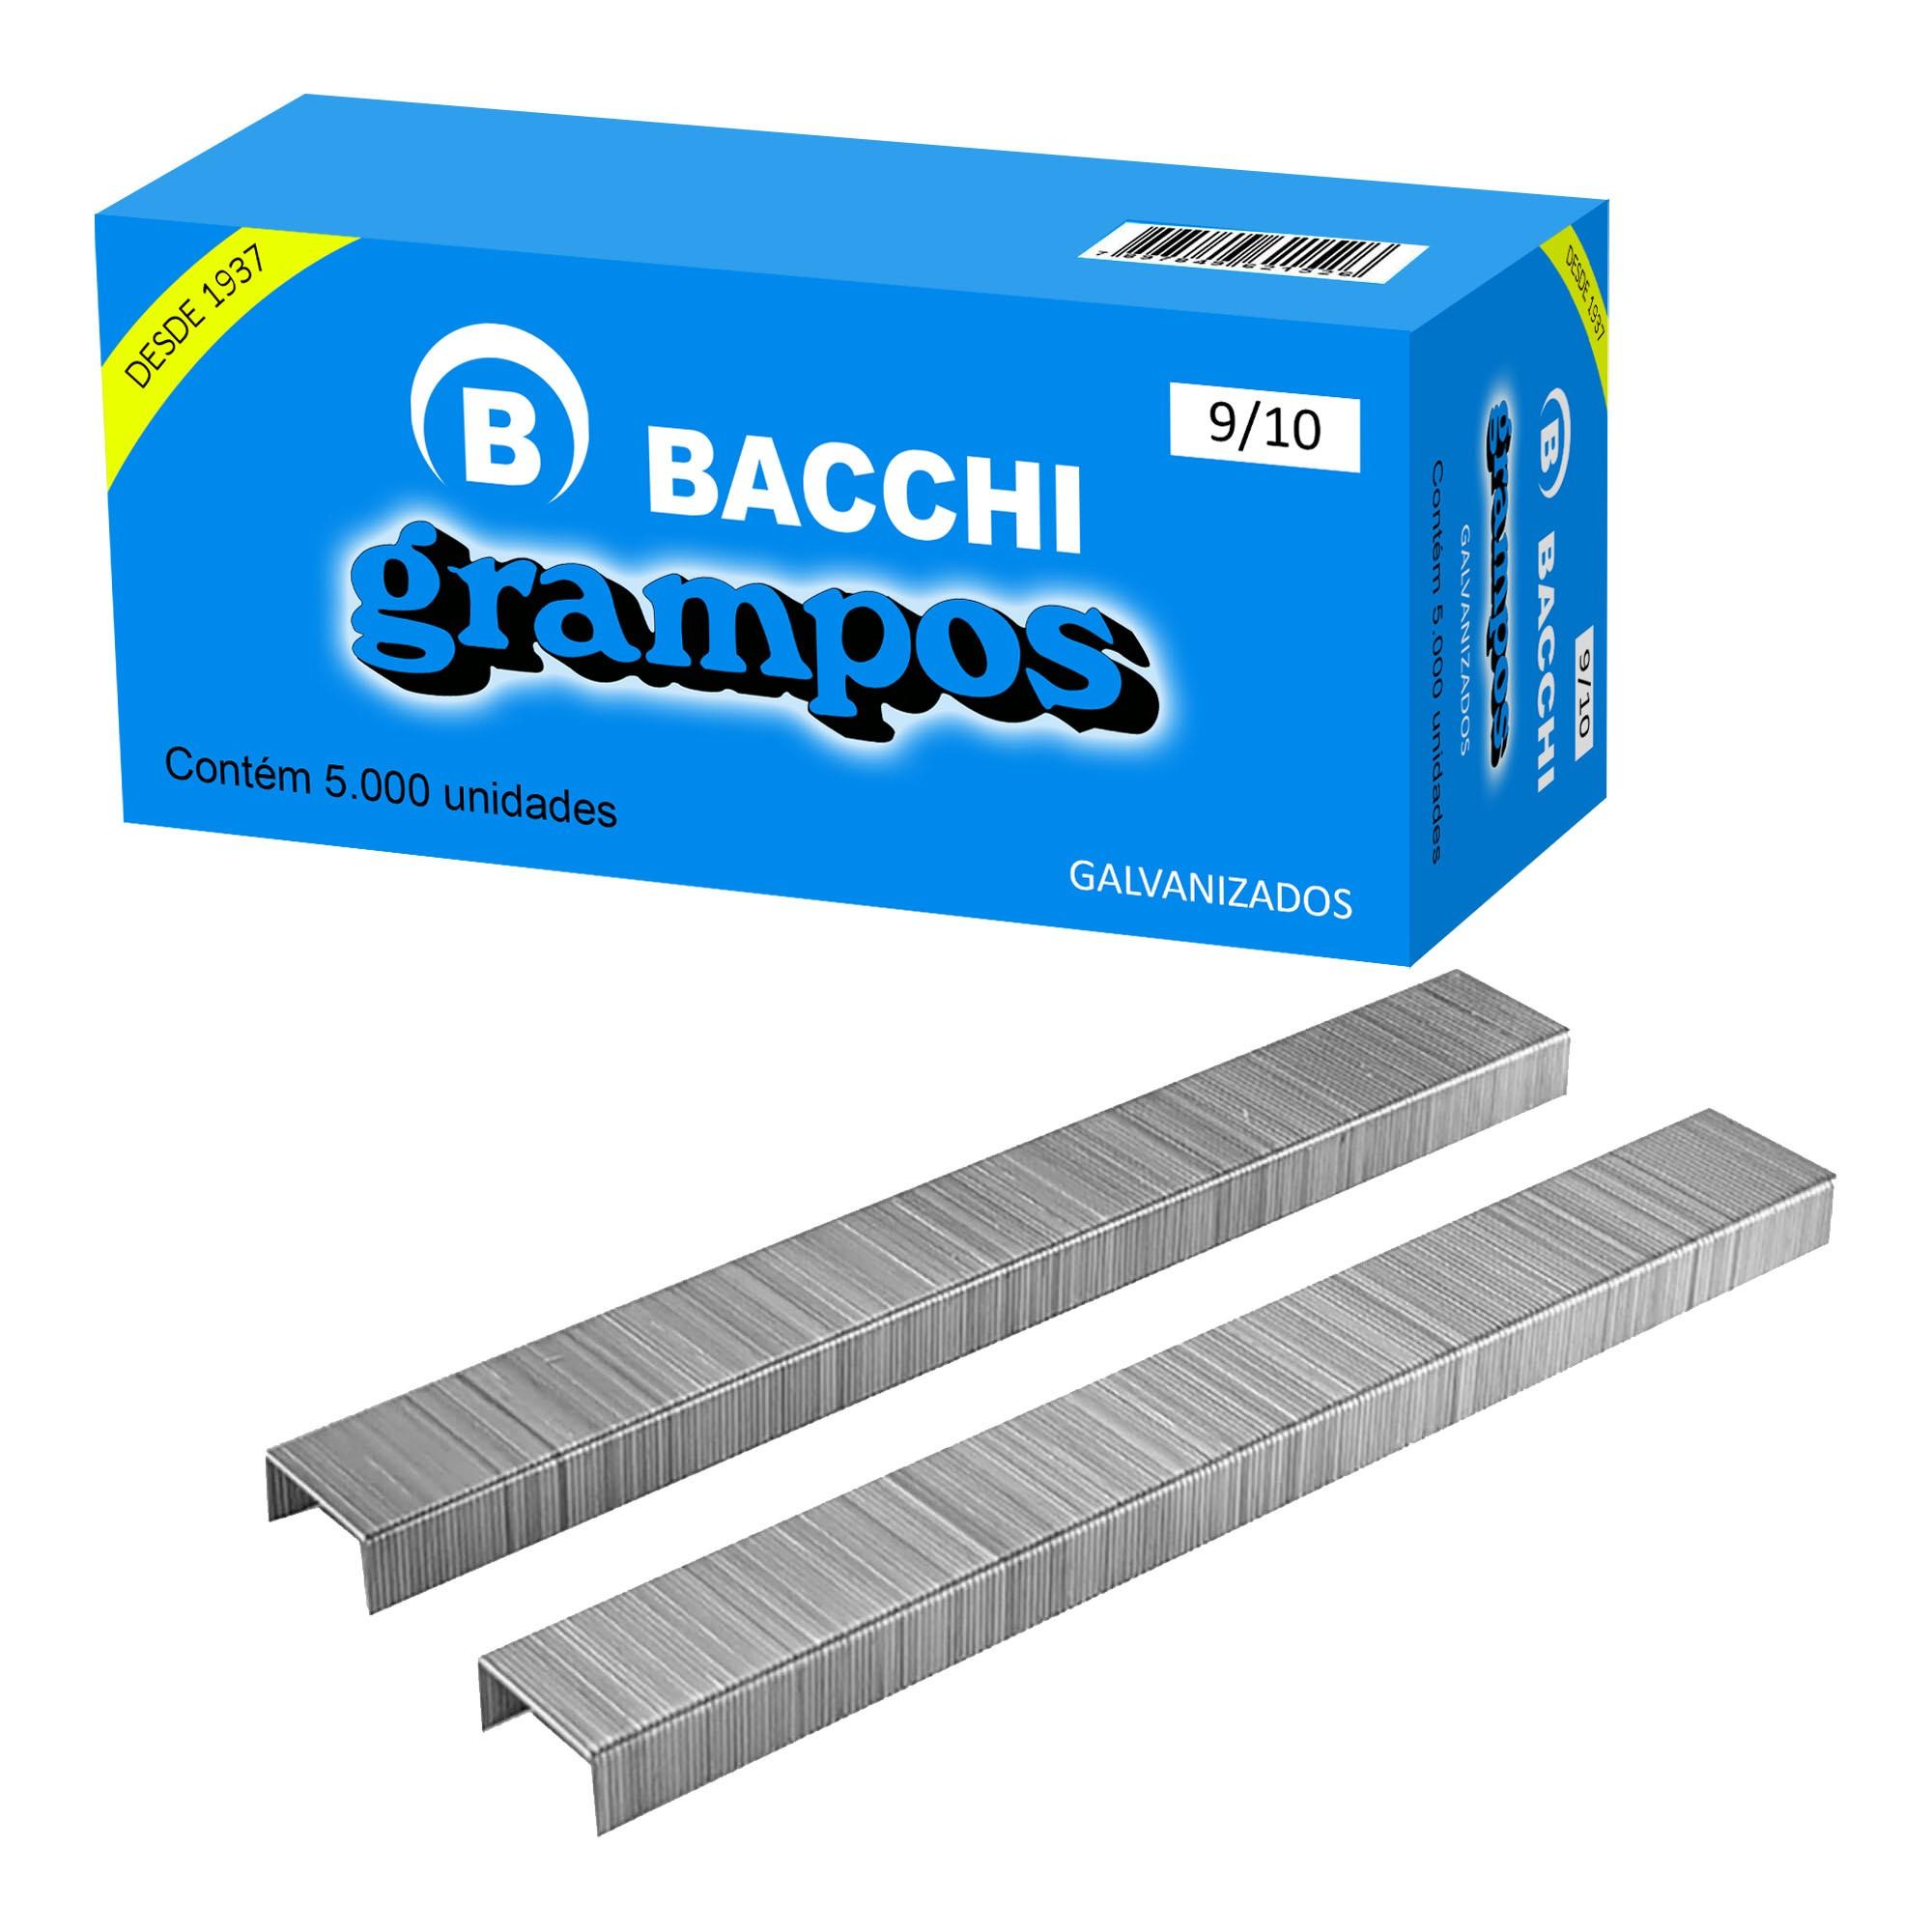 Grampo Galvanizado 9/10 c/ 5000 un - Bacchi